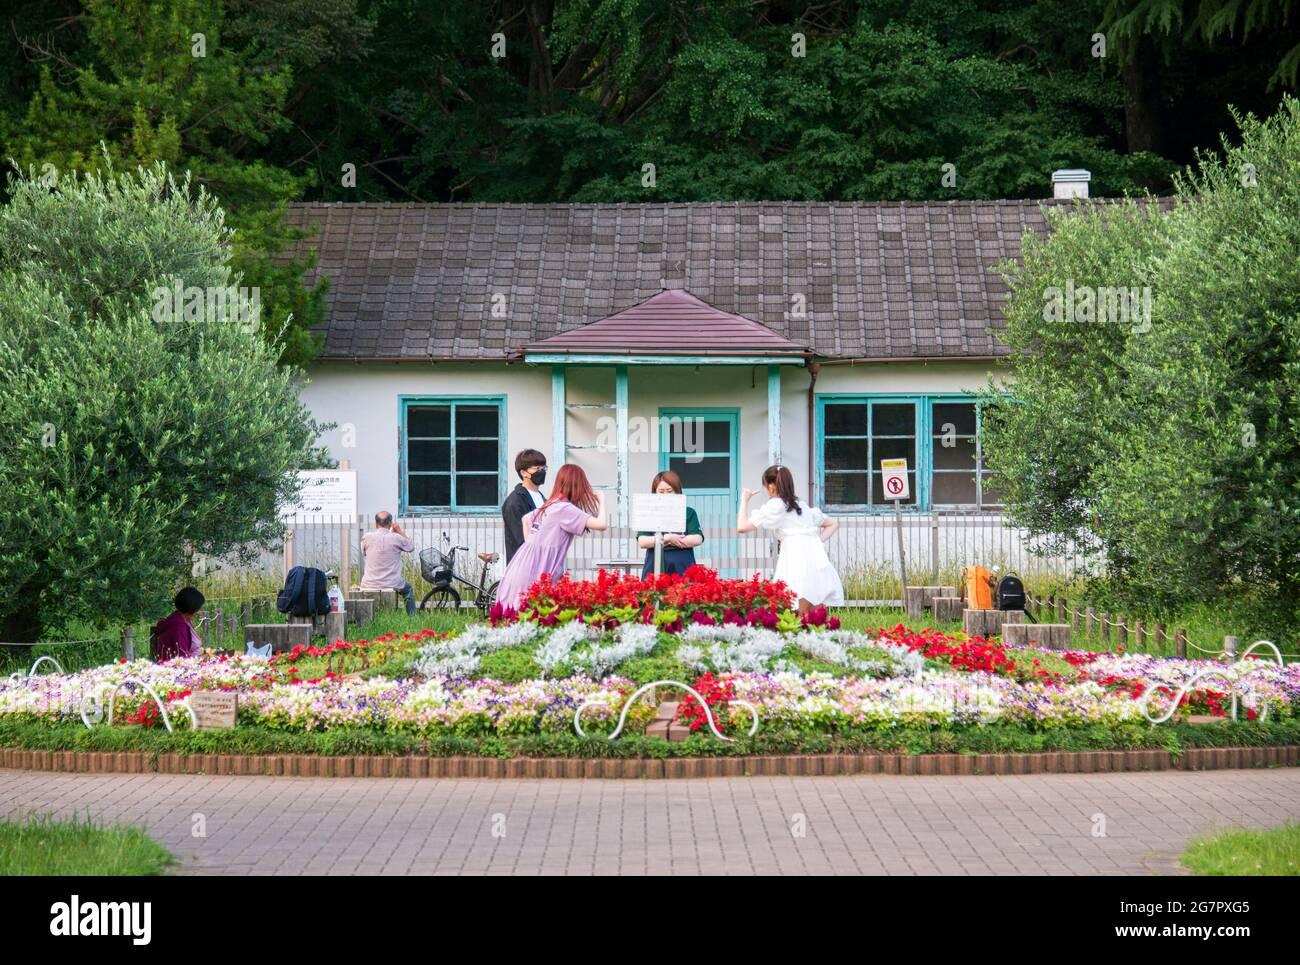 Los madereros bailan frente a la única estructura que sobrevive de la aldea de los atletas, que fue utilizada por el equipo de Holanda durante los Juegos Olímpicos de Tokio de 1964, y se encuentra en el interior del parque Yoyogi de hoy, Tokio, el 21 de junio de 2021. Robert Gilhooly foto Foto de stock